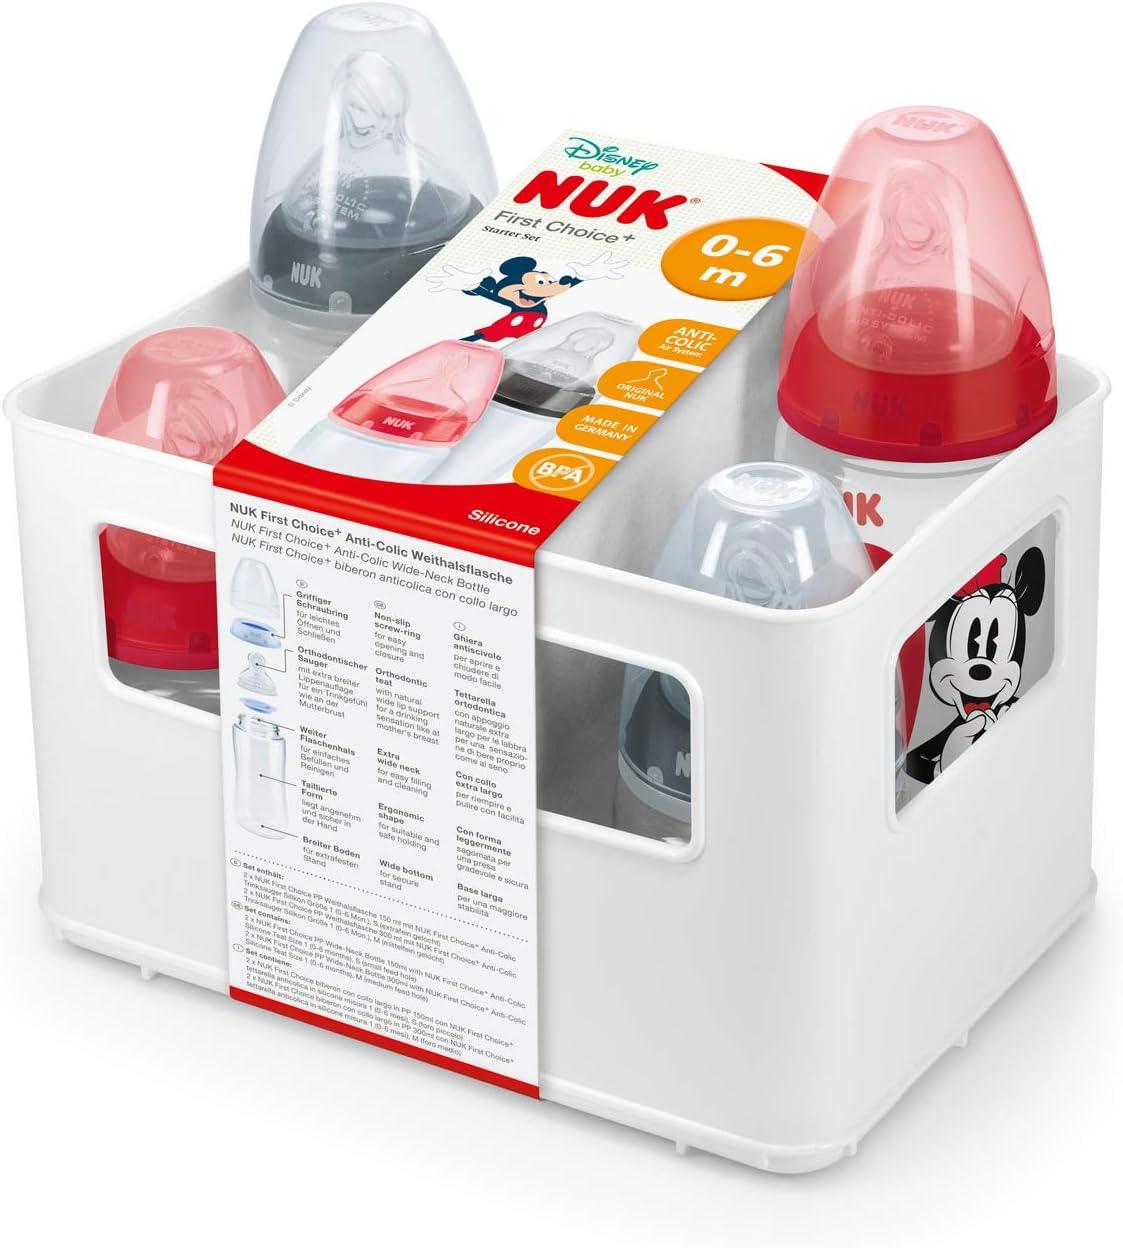 sans BPA NUK First Choice+ Starter Set Lot de biberons 0-6/mois c/œur | 5/unit/és anti-colique 4/biberons avec contr/ôle de la temp/érature et un casier /à biberons blanc